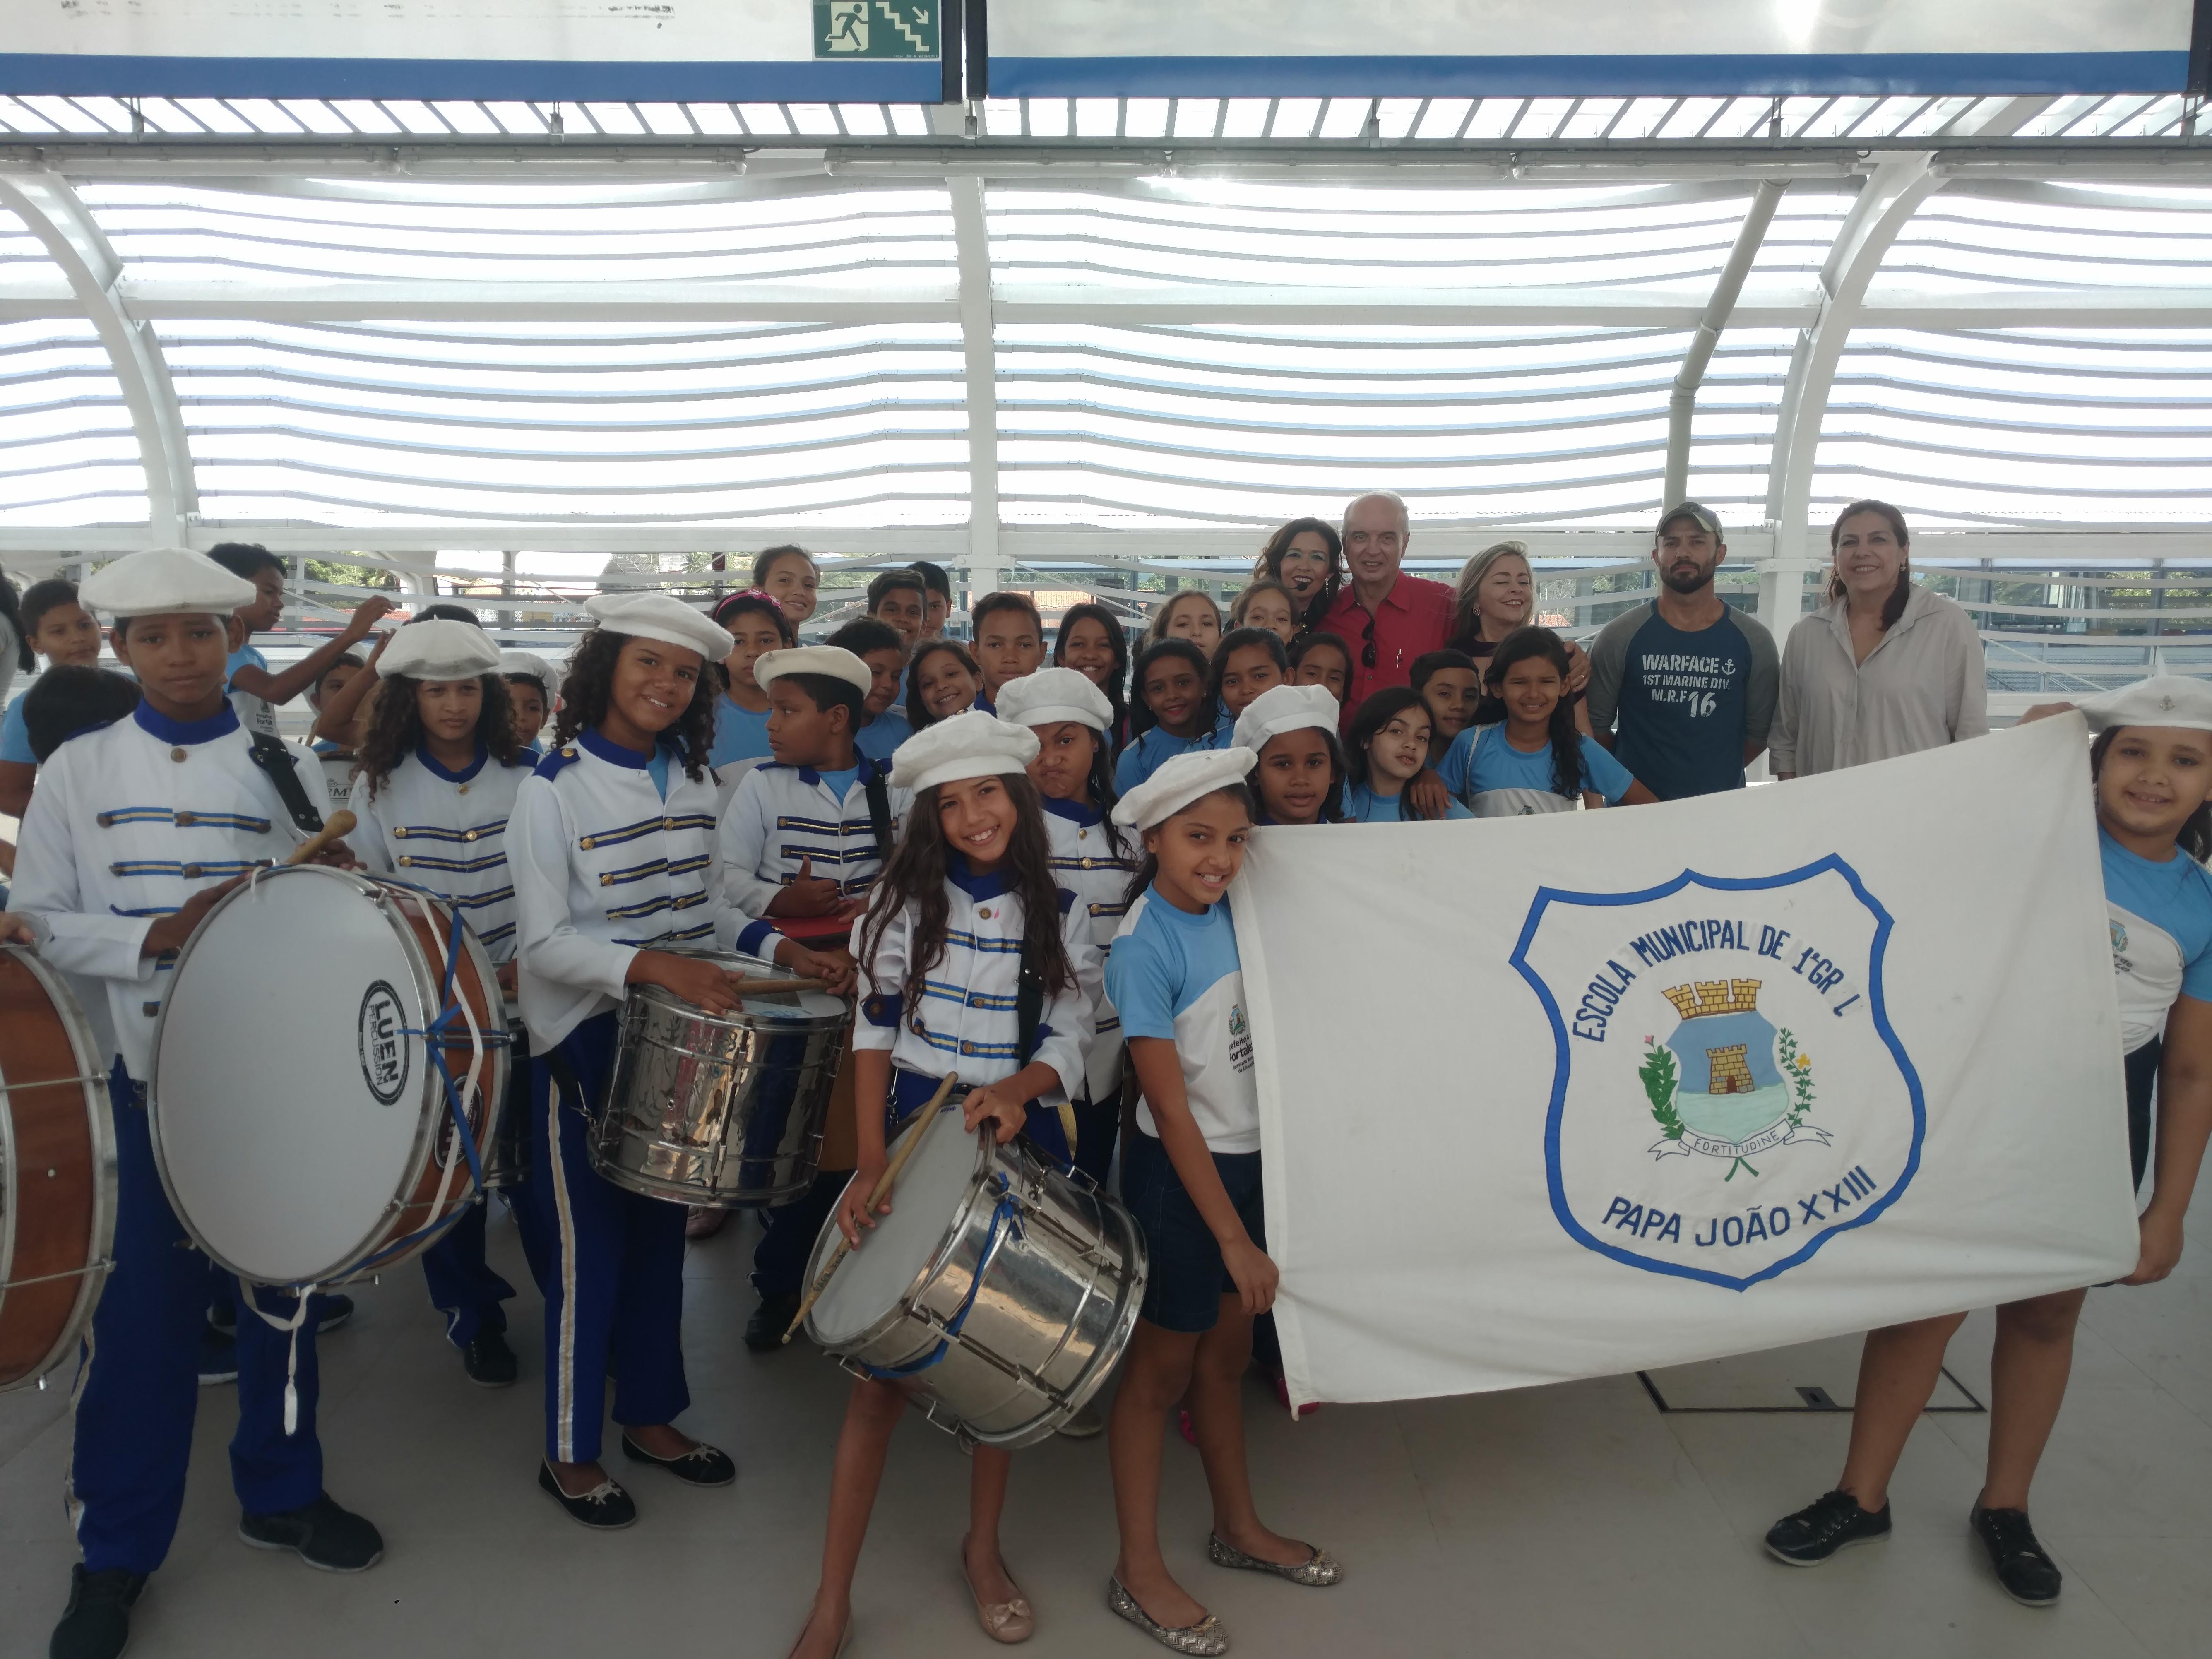 O Metrofor recebeu nesta quarta-feira (4) alunos da escola municipal de Ensino Fundamental e Médio Papa João Paulo XXIII para uma visita ao Ramal Parangaba-Mucuripe.